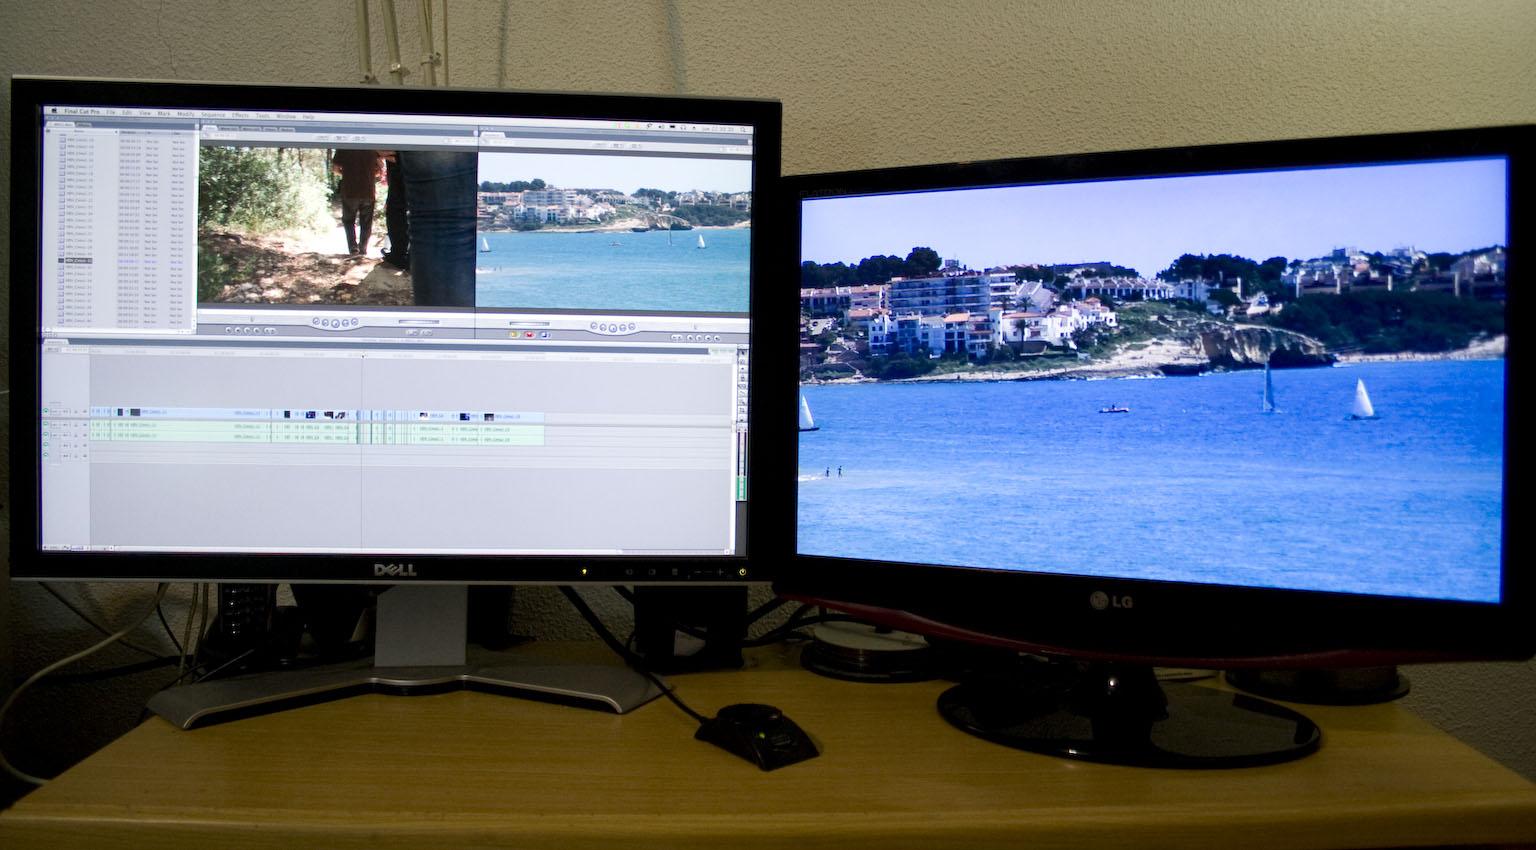 Editando en dos monitores, uno de ellos conectado a un dispositivo de salida de vídeo como la Intensity Pro o la MXO2 Mini